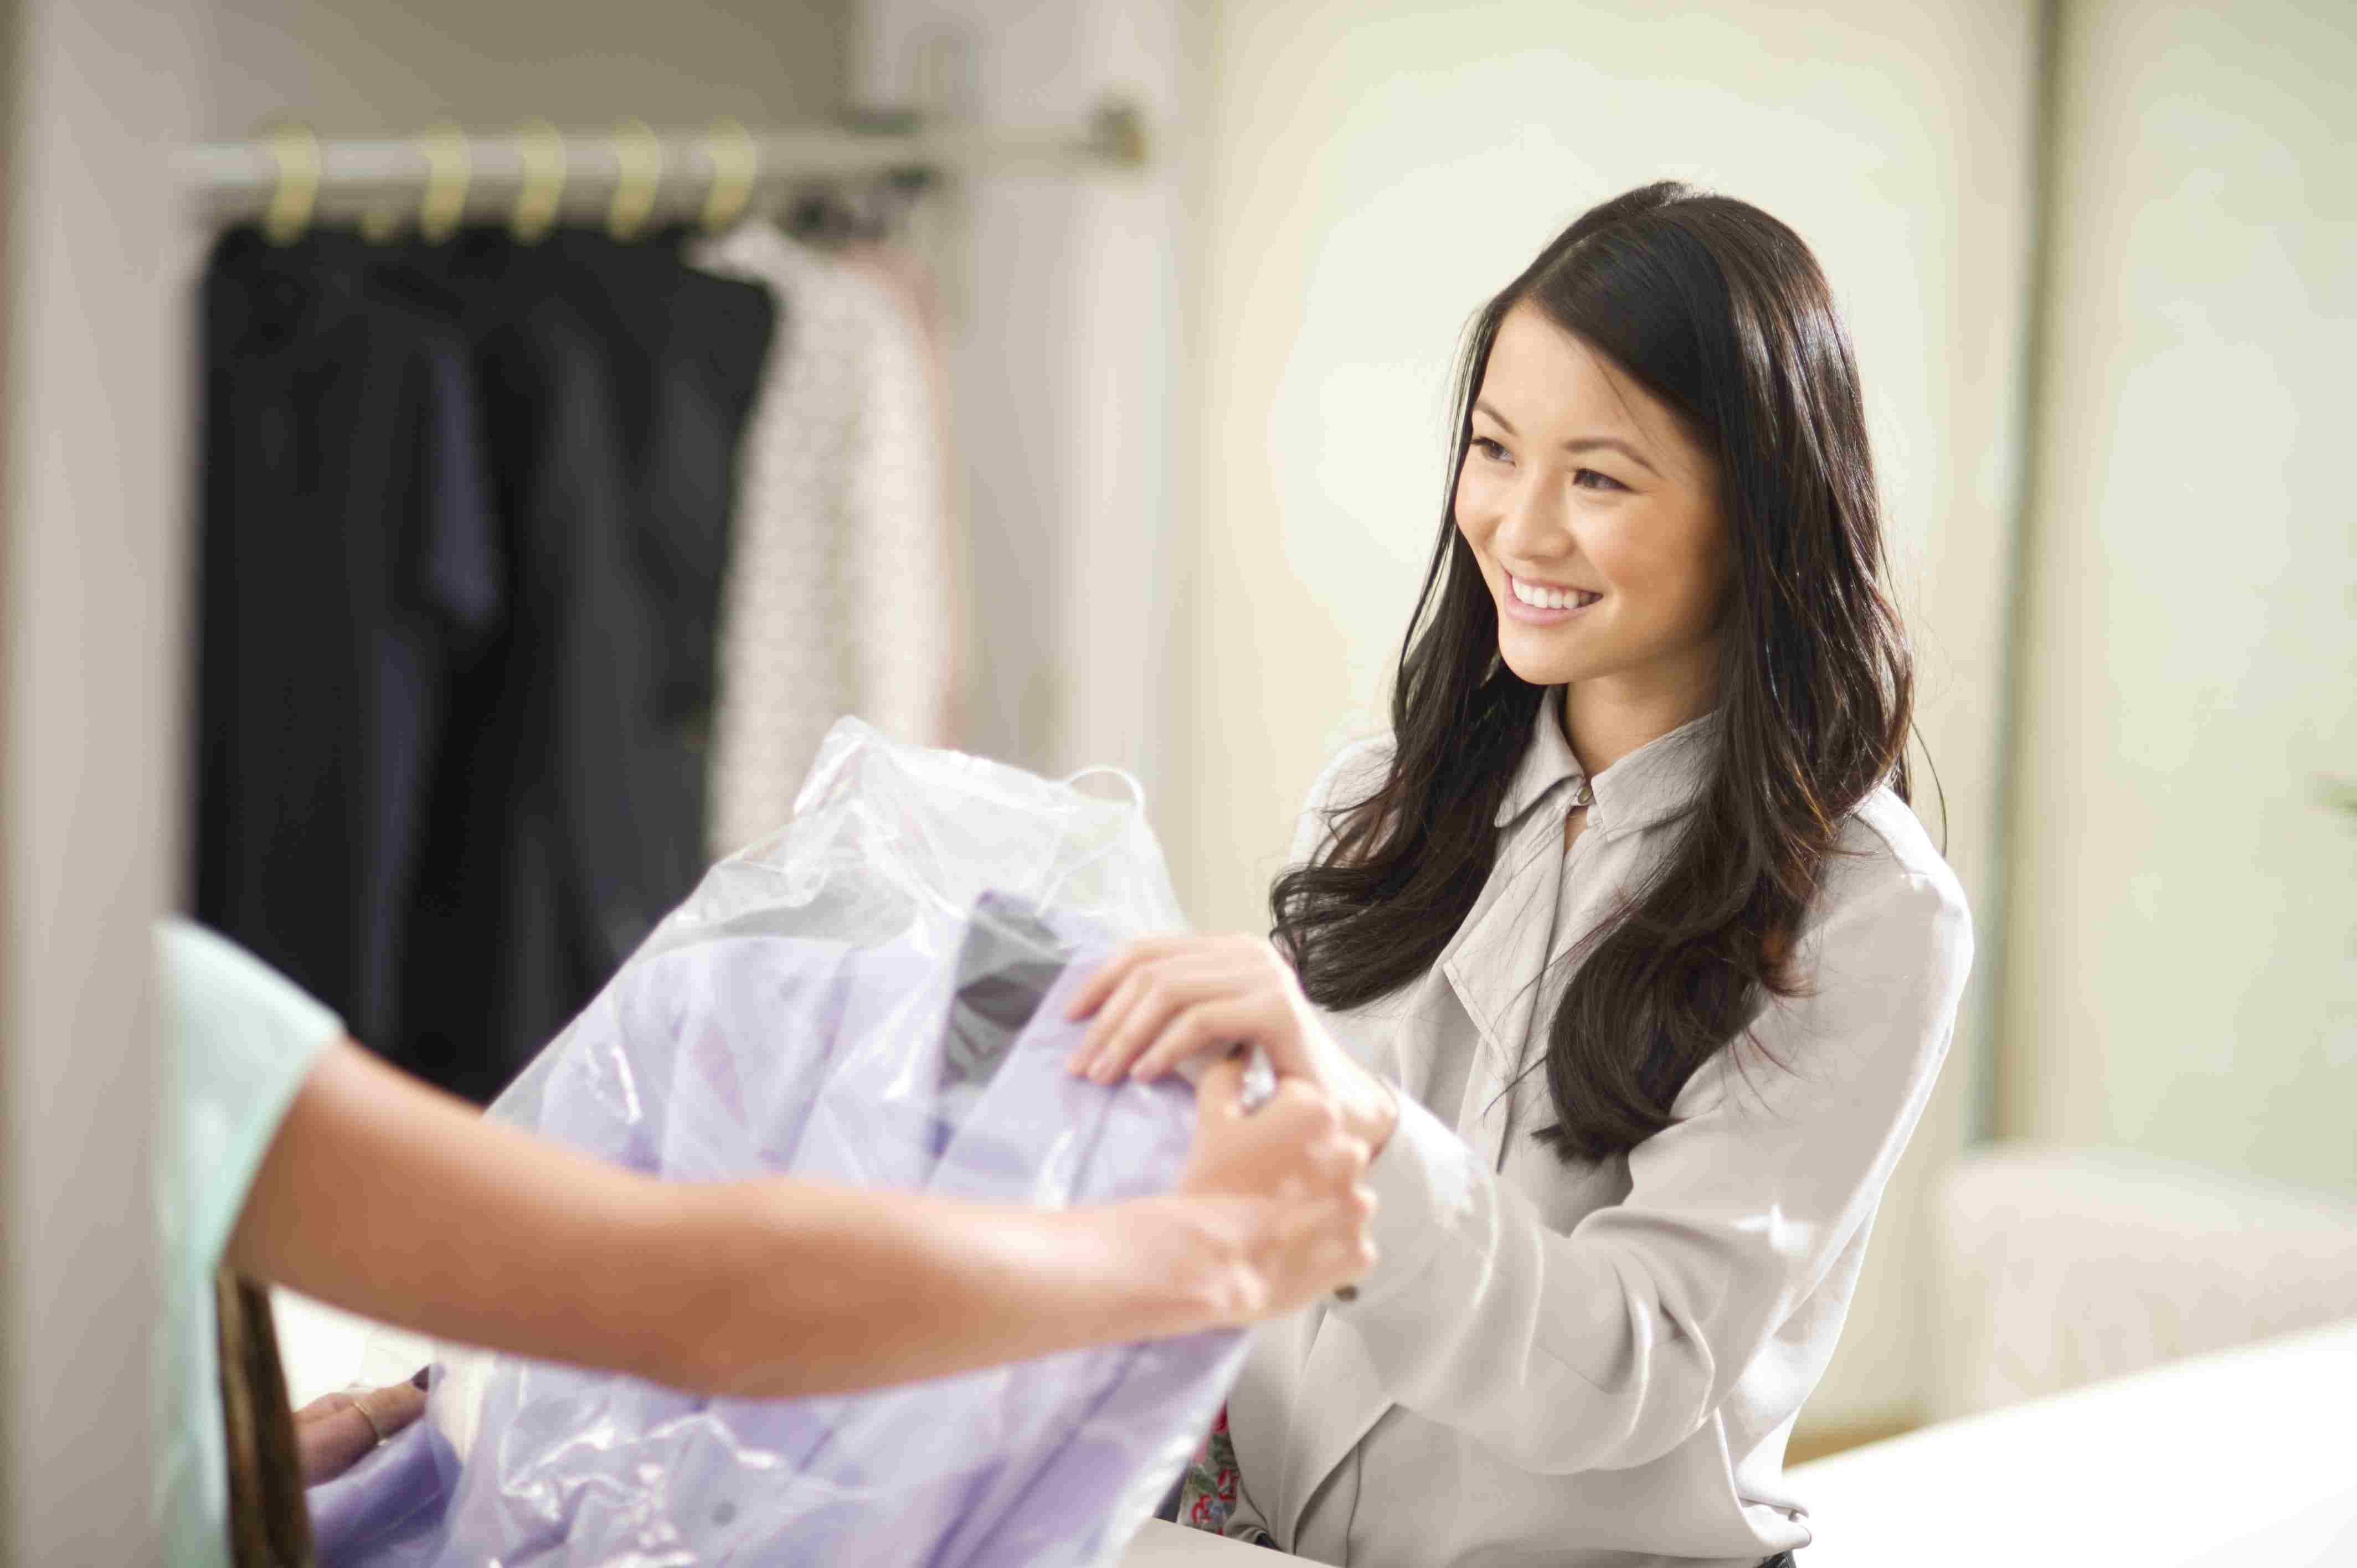 Dry Cleaning Clerk